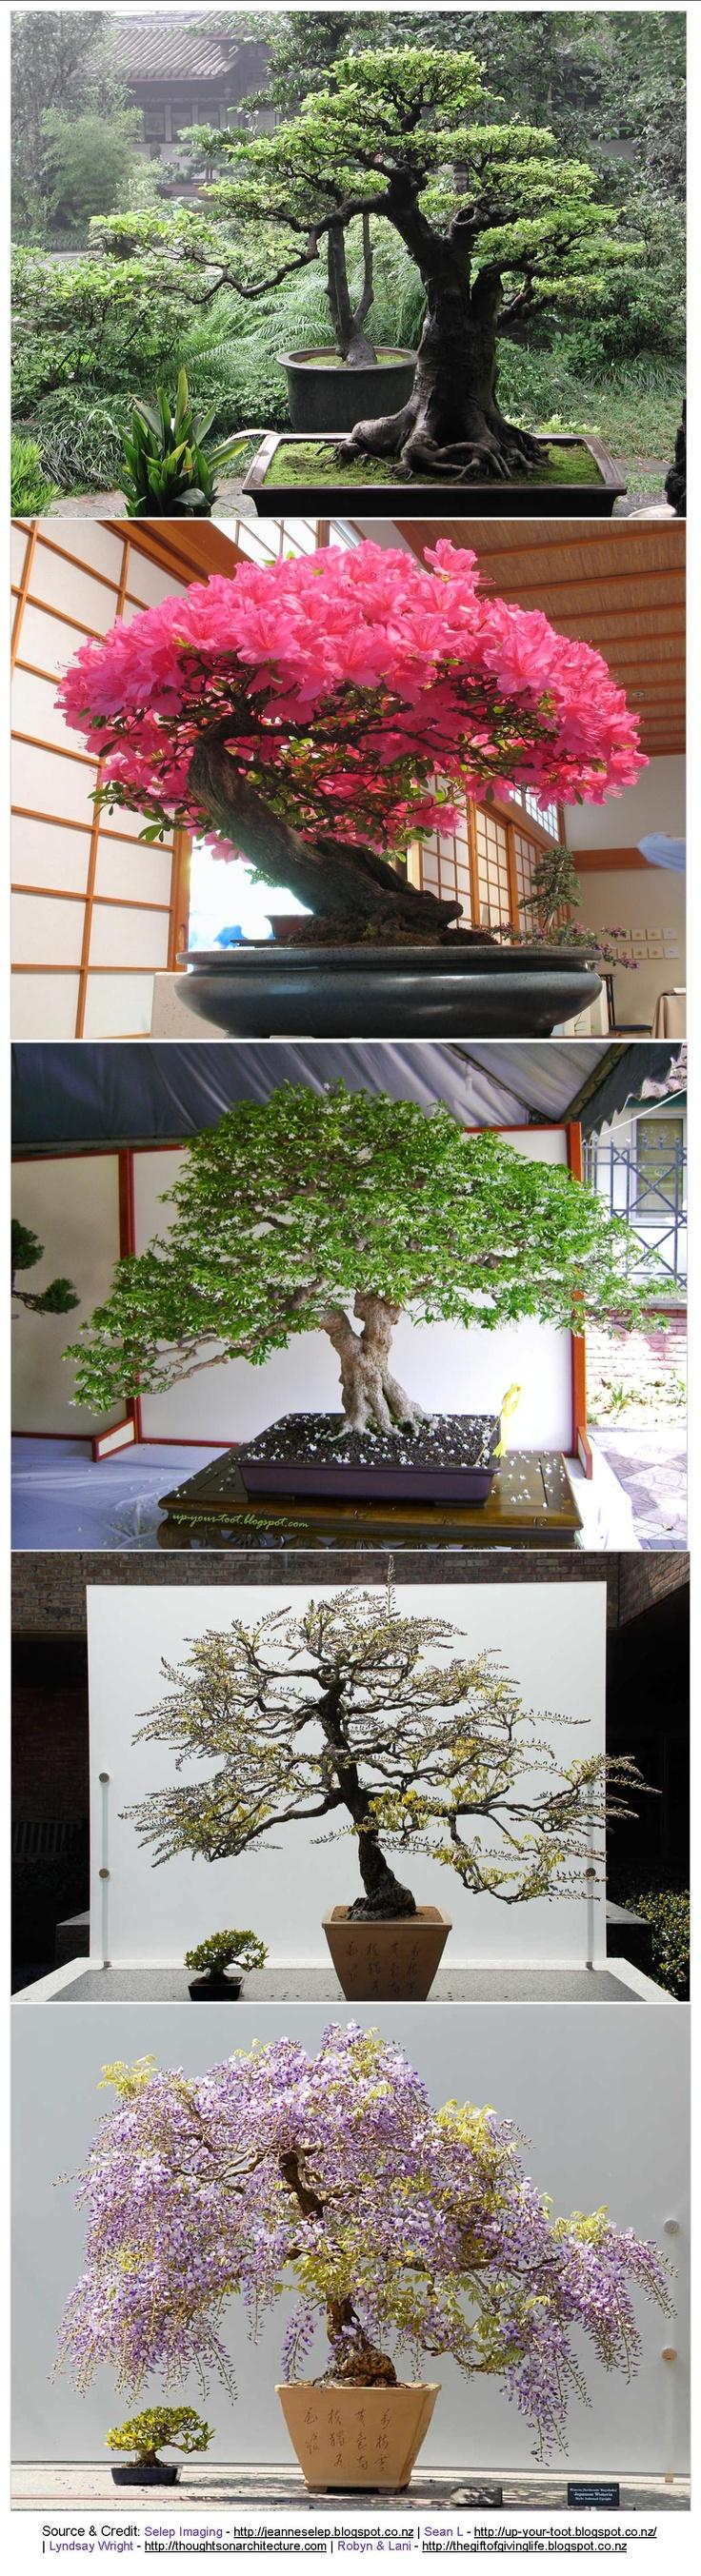 i♥Garden   .. love these oversize #Bonsai for #Indoor decor, or #Garden Ideas: Gardens Ideas, 11874365 Pixel, Bonsai Trees, Indoor Decor, Trees Canopies, Indoor Bonsai, Ideas Http Vur Me Tbw Bonsai, Bonsai Gardens, Bonsai Decor